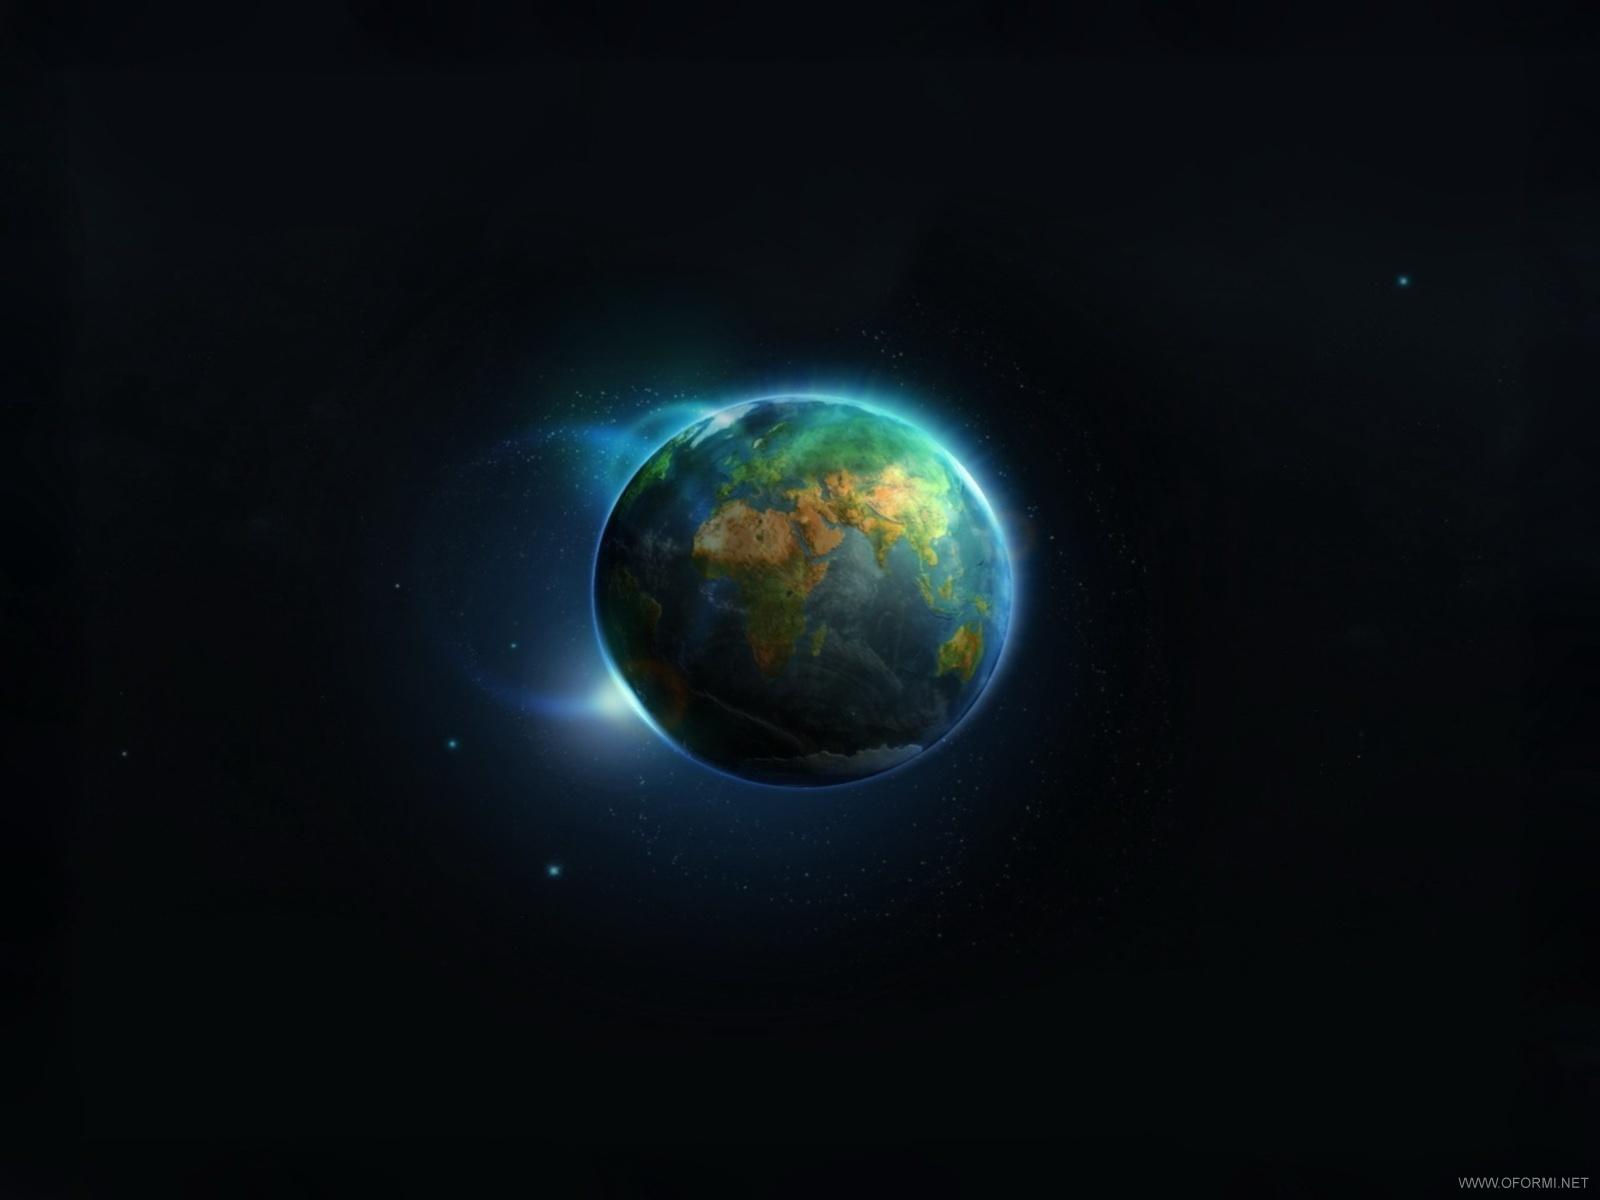 планета Земля на черном фоне, космос, обои для рабочего стола